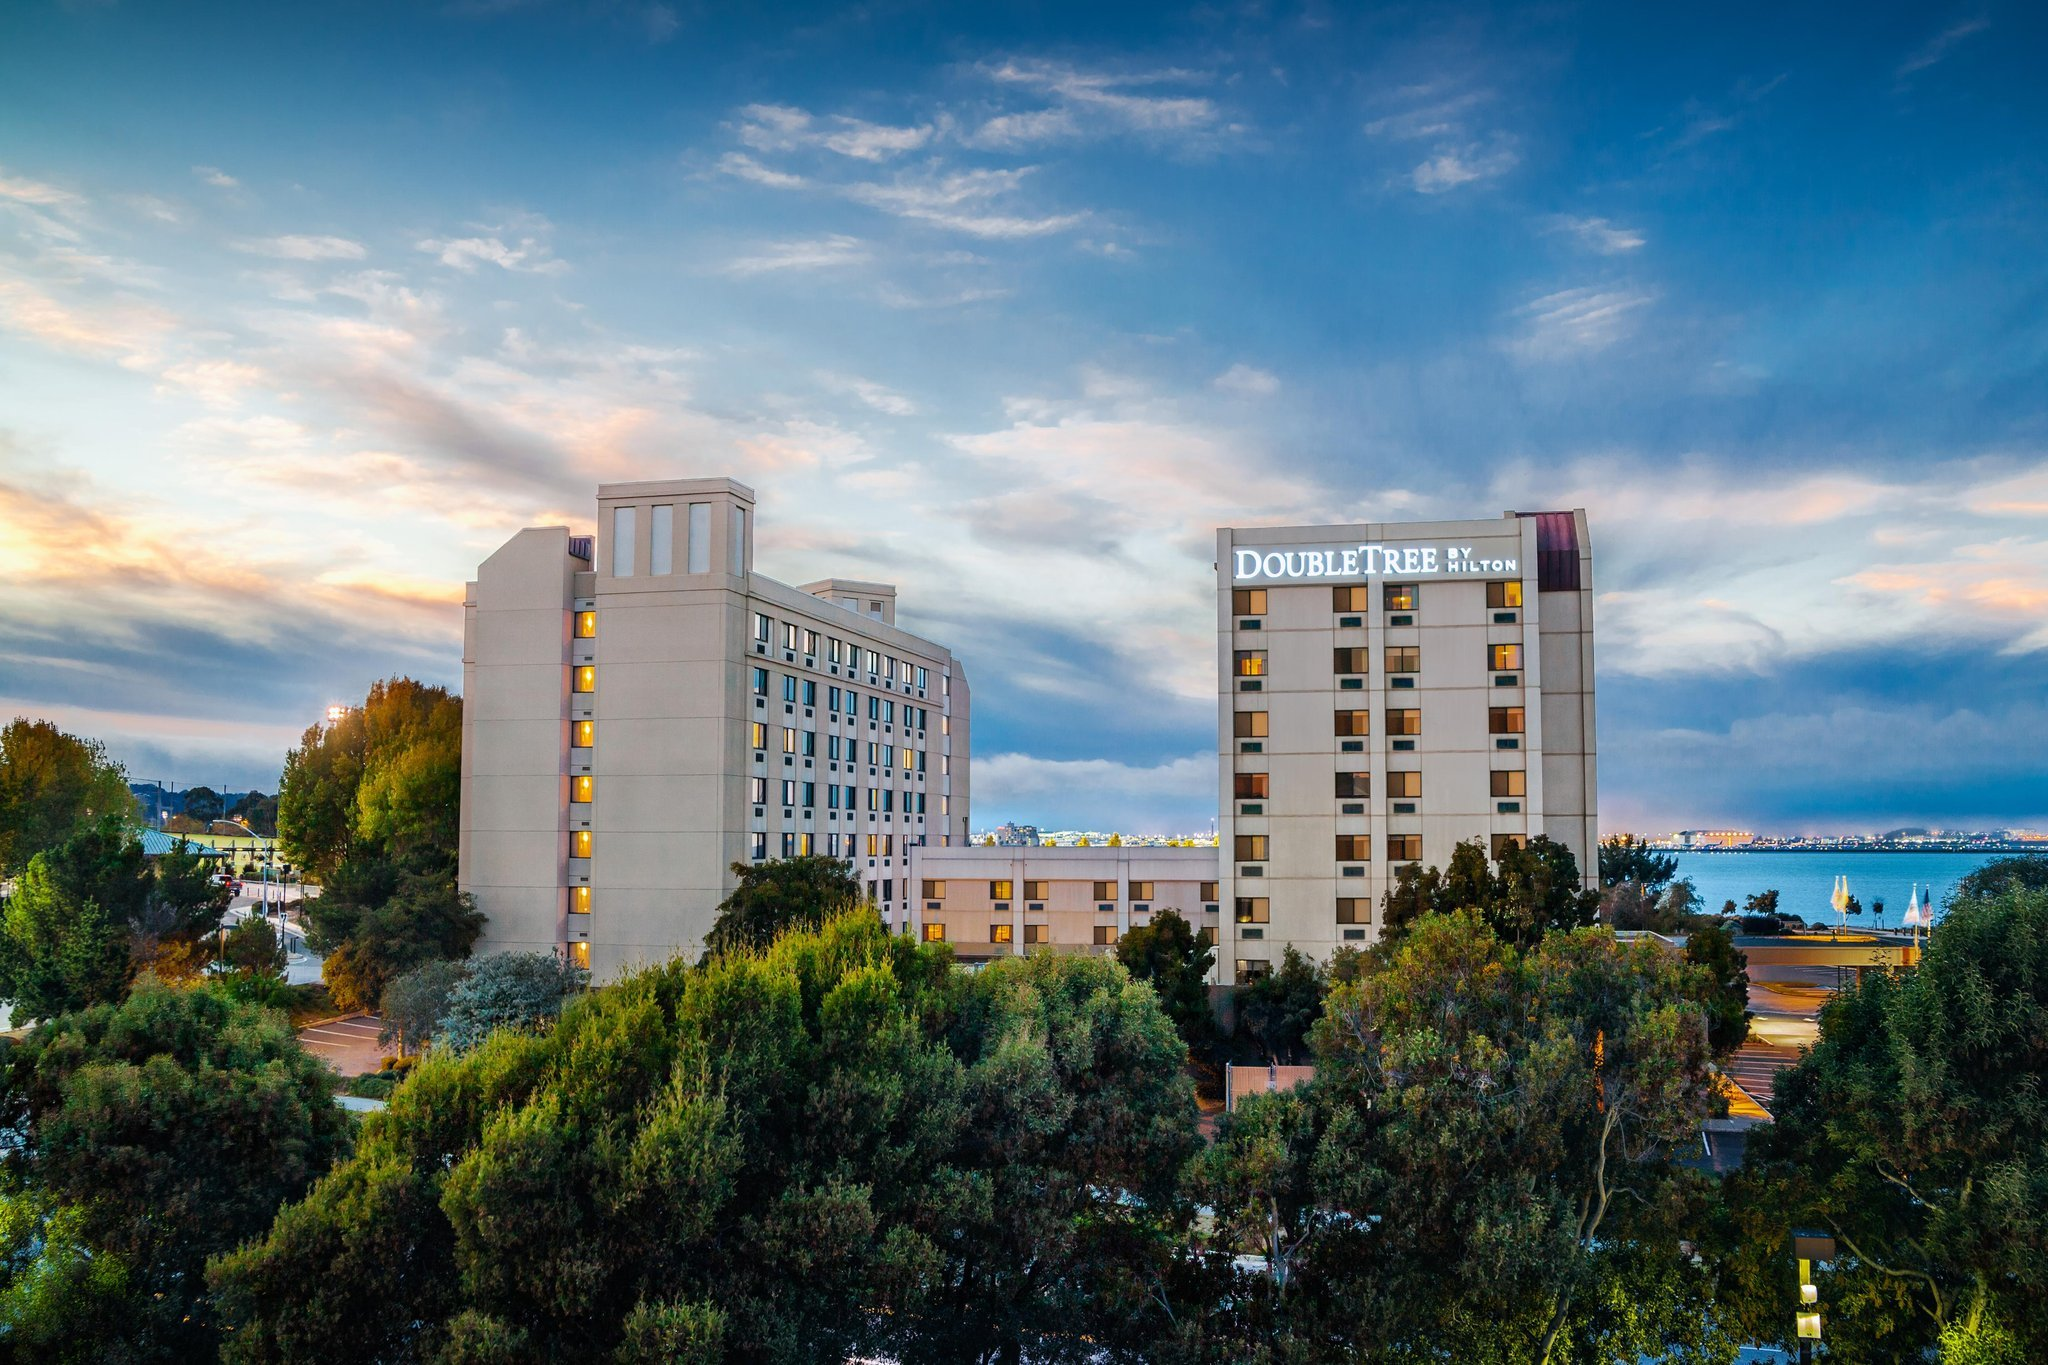 ダブルツリー ホテル サンフランシスコ エアポート